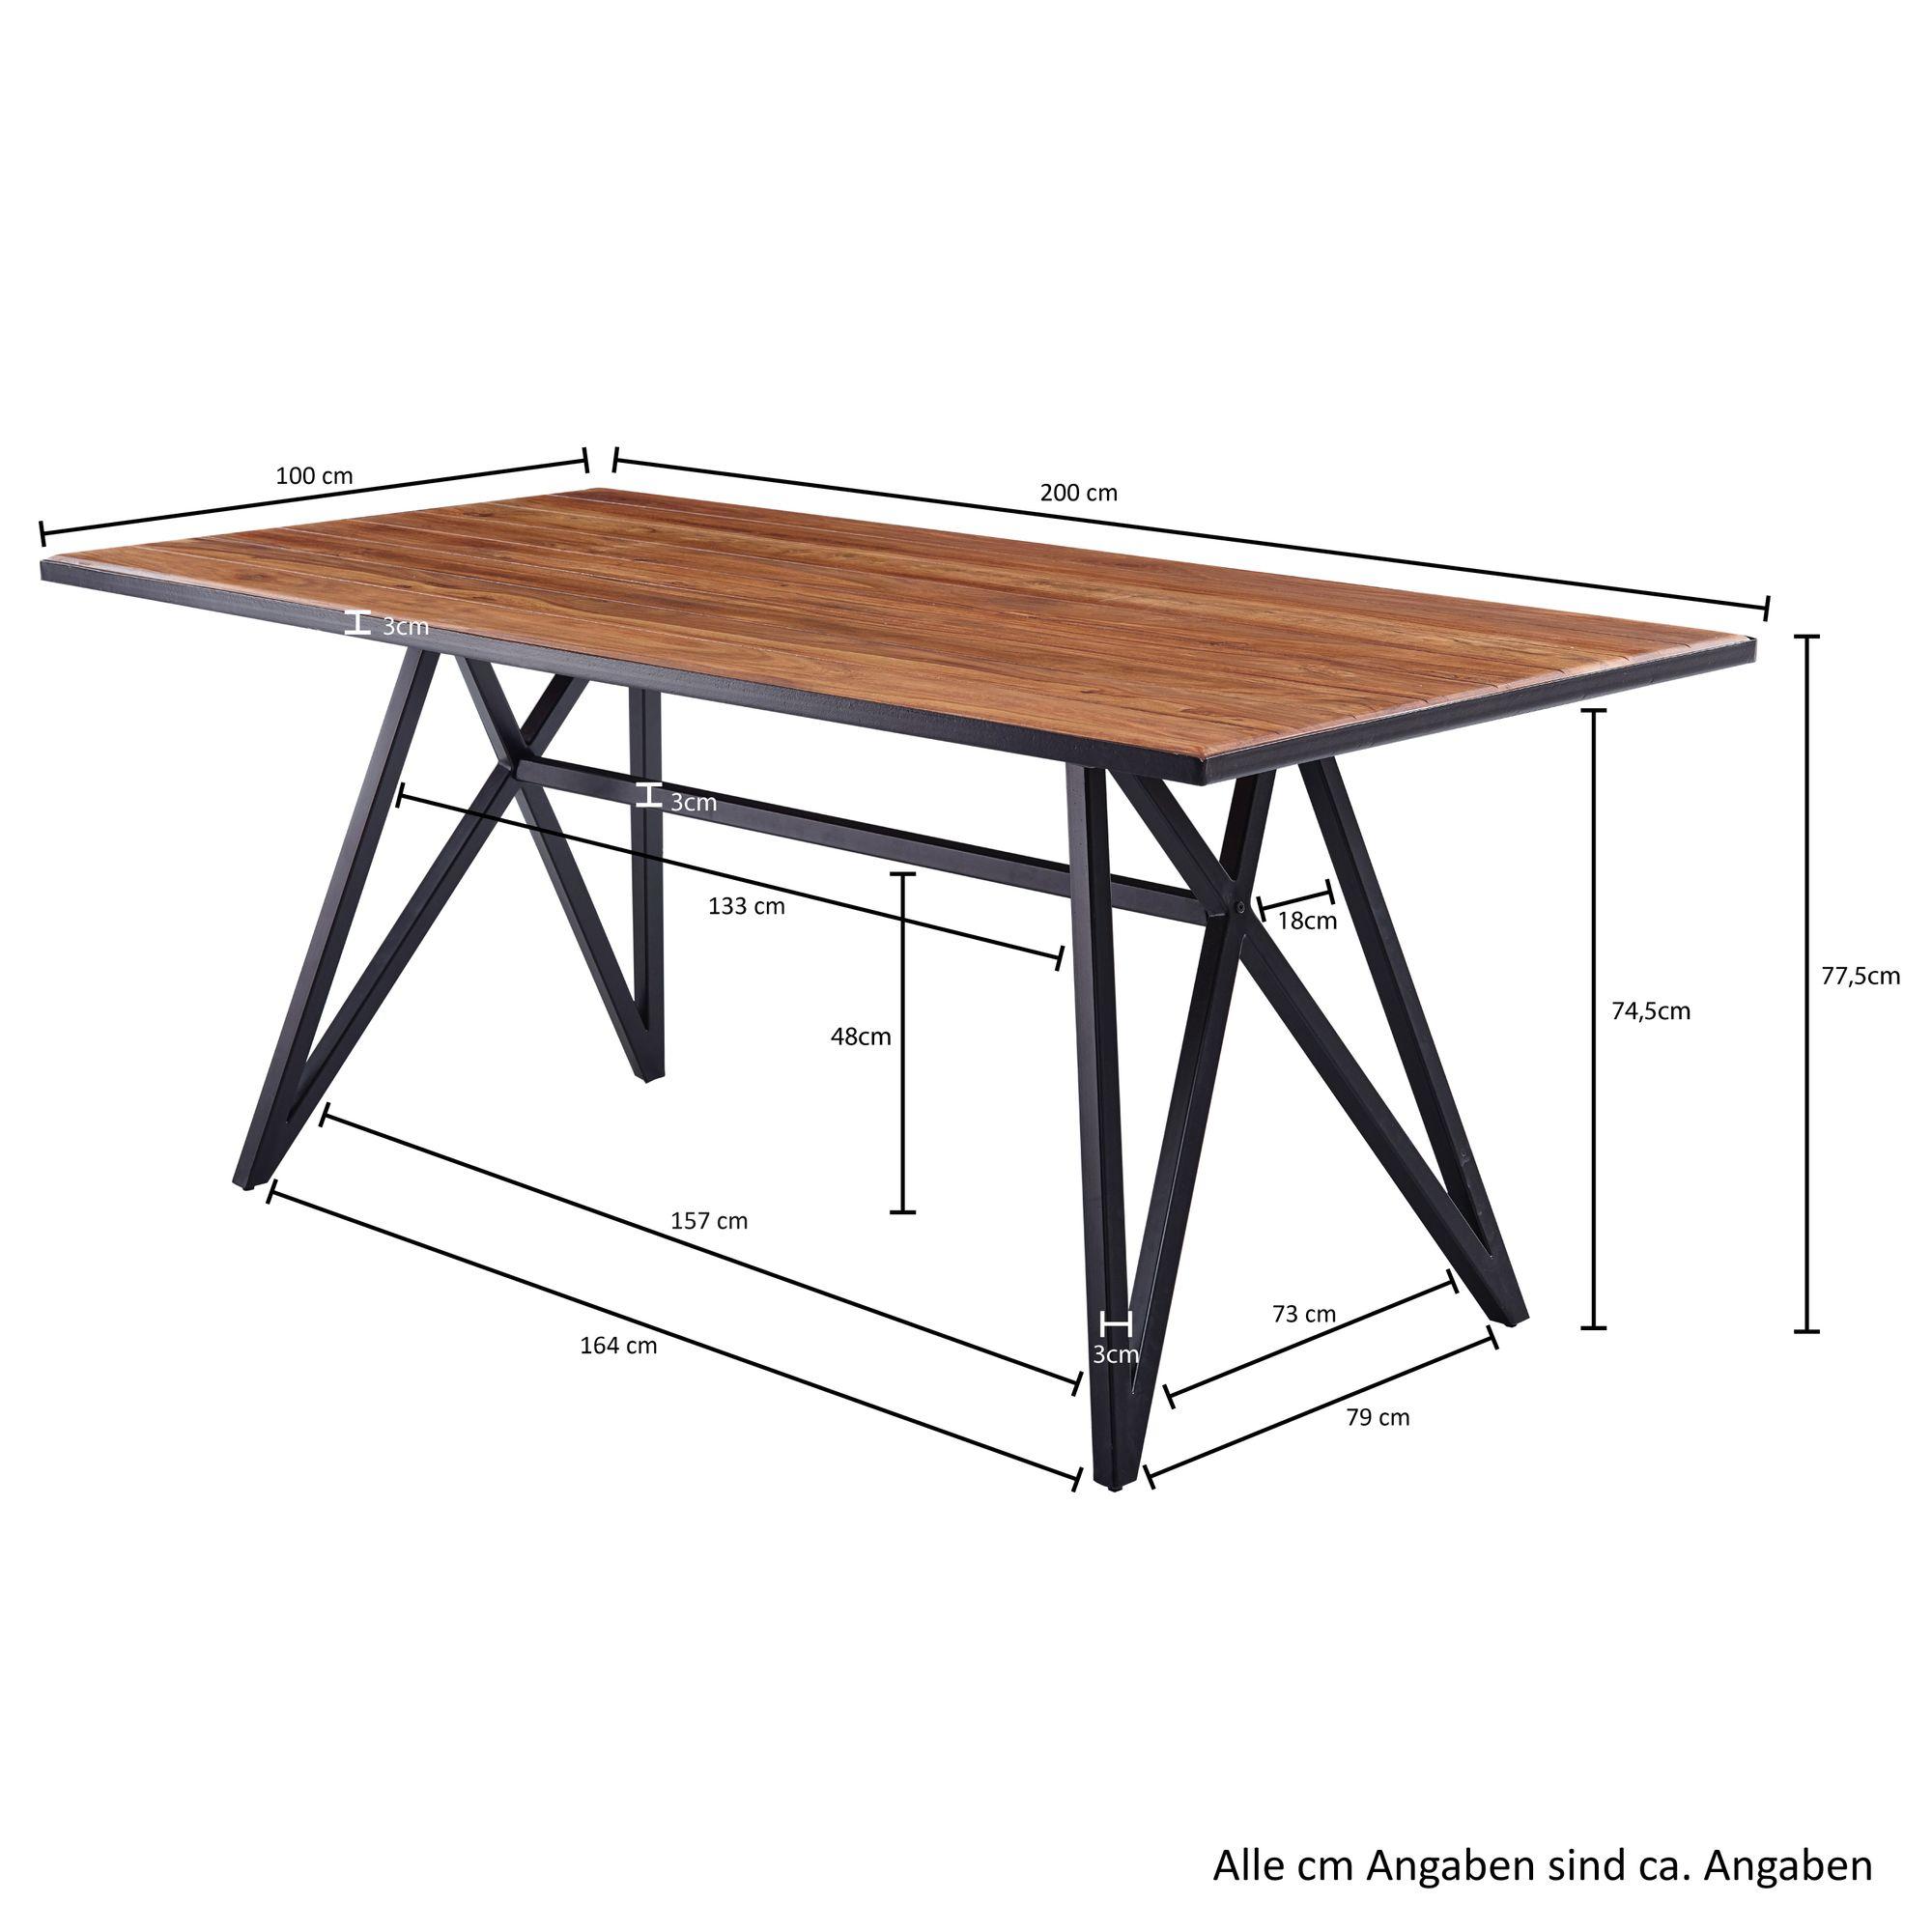 FineBuy Esstisch Sheesham Massivholz / Metall Esszimmertisch  Küchentisch  Loft Massiv  Holztisch mit Metallgestell Schwarz